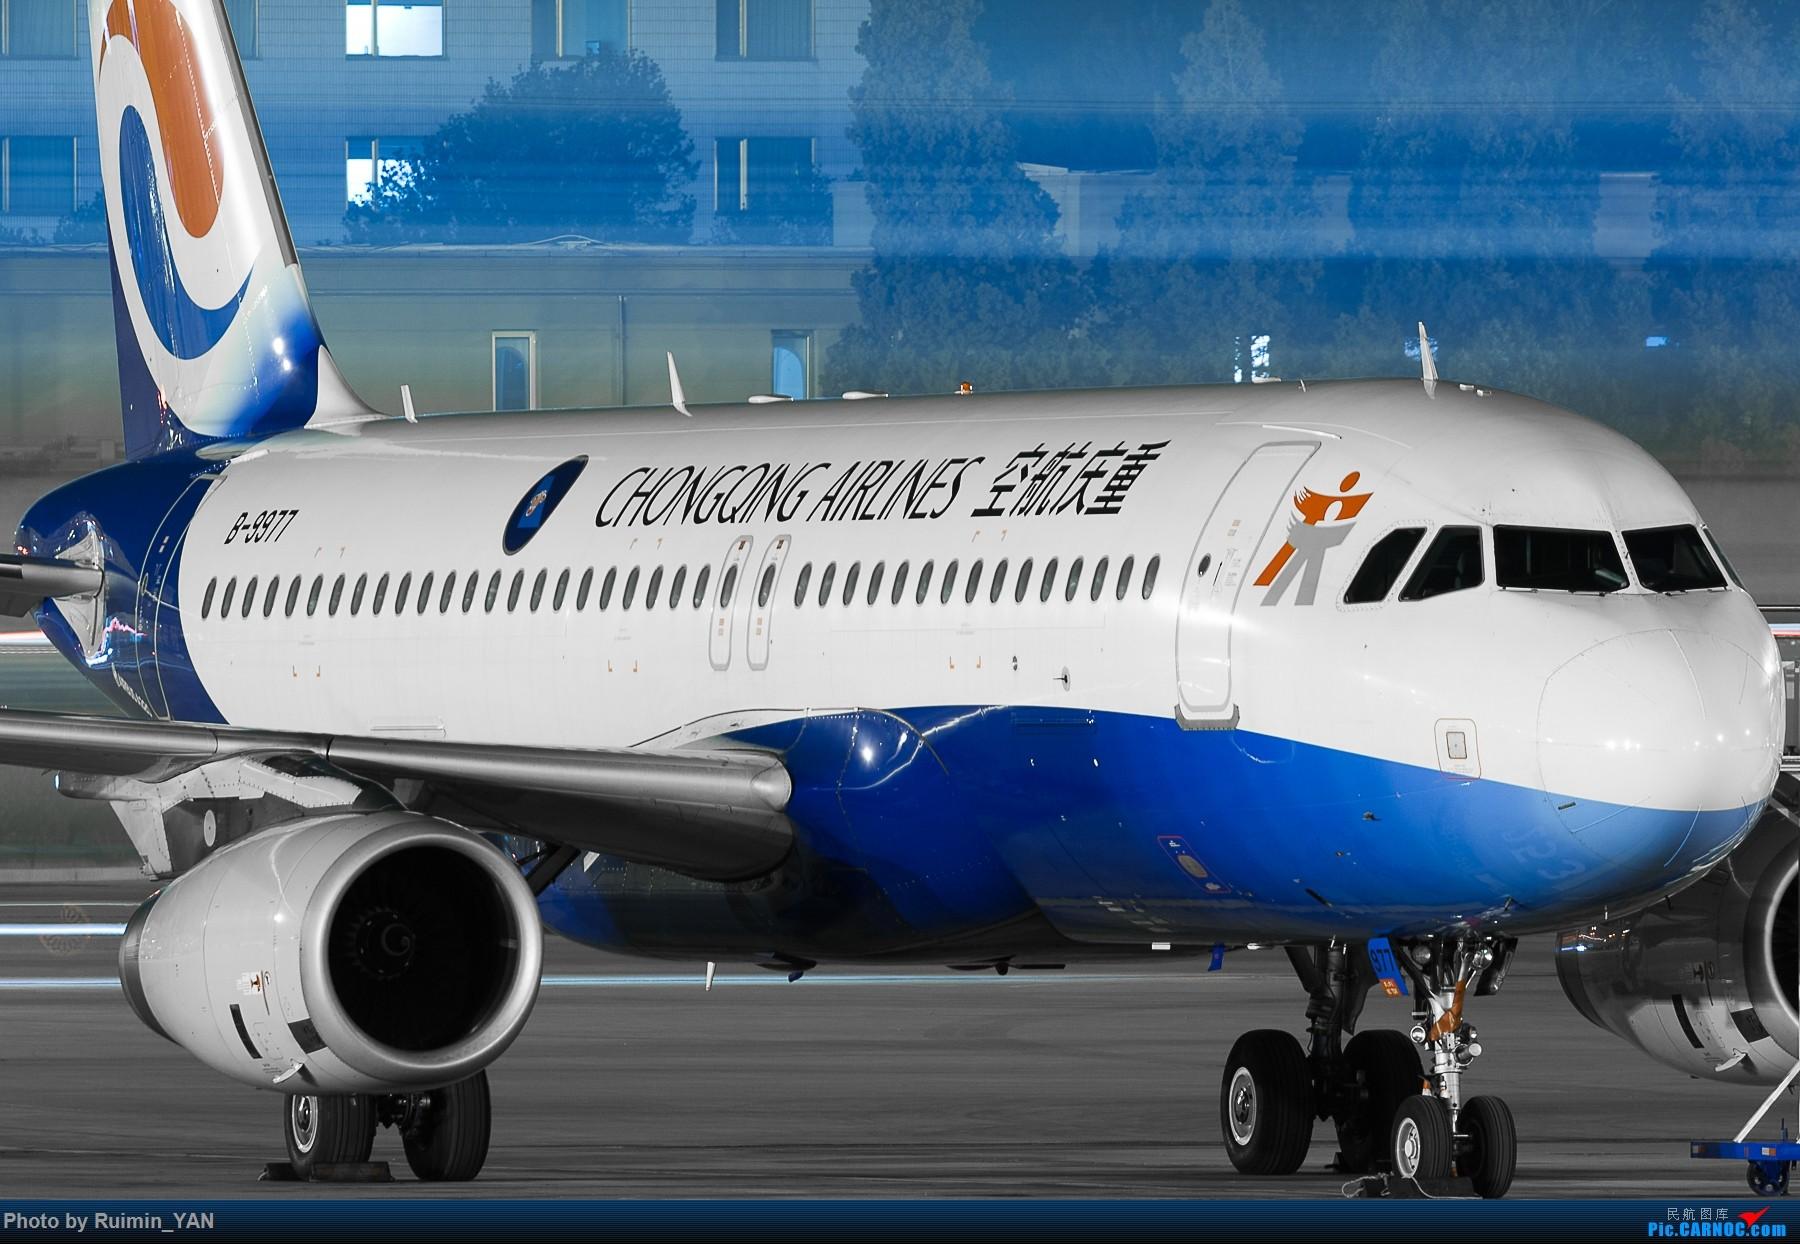 [原创]【PEK飞友会】【一图党】【夜景】重庆航空 B-9977--A320 AIRBUS A320-200 B-9977 中国北京首都国际机场